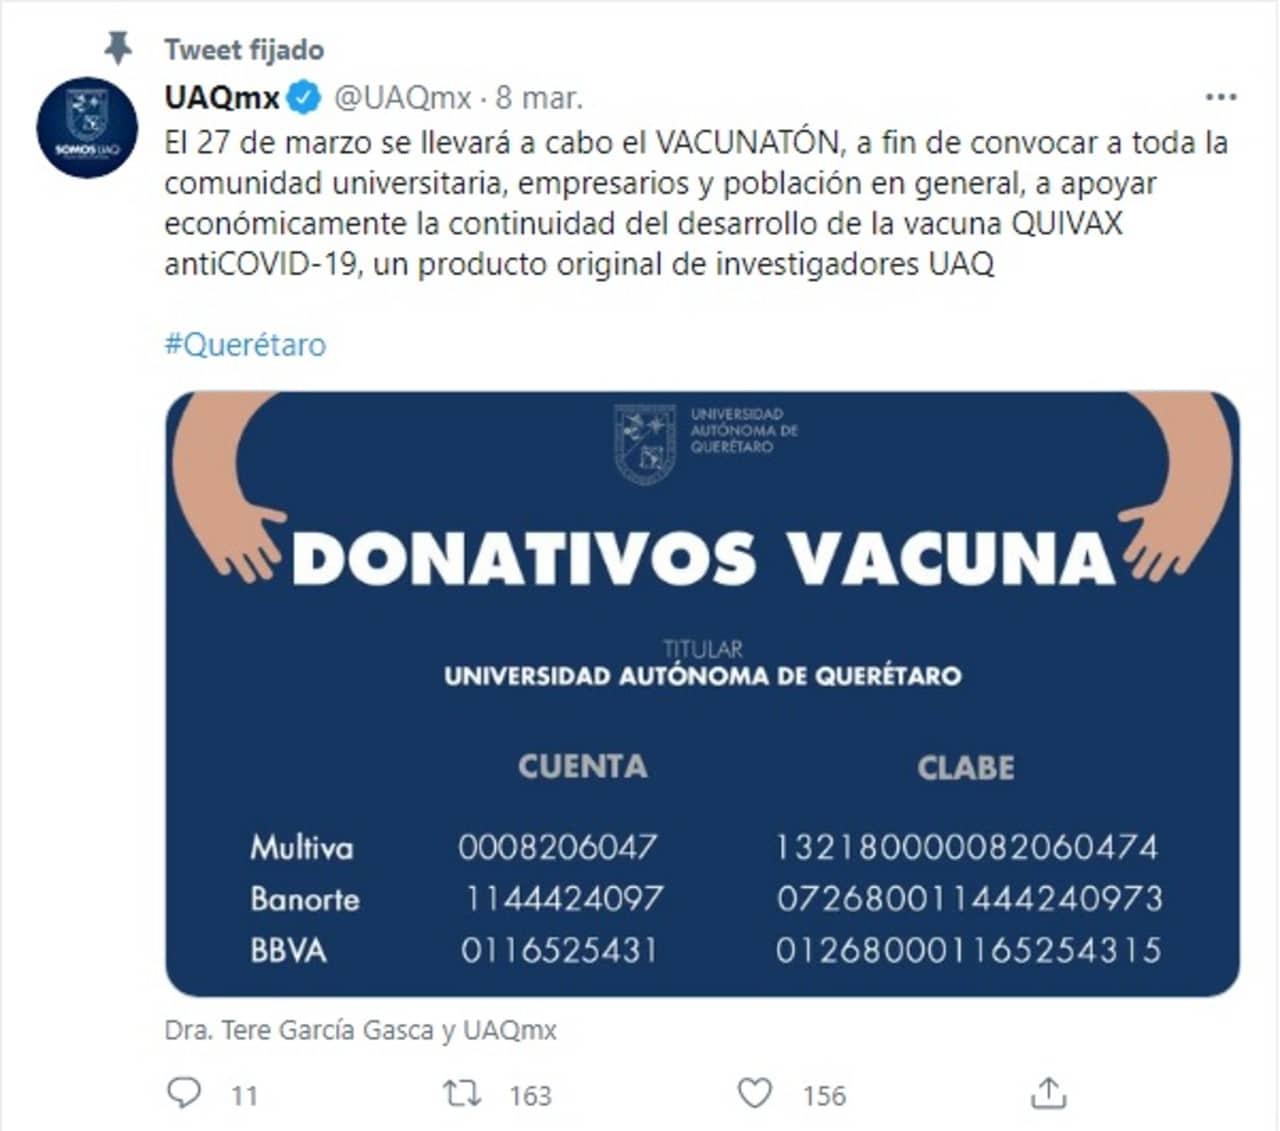 UAQ vacunatón desarrollo vacuna COVID-19